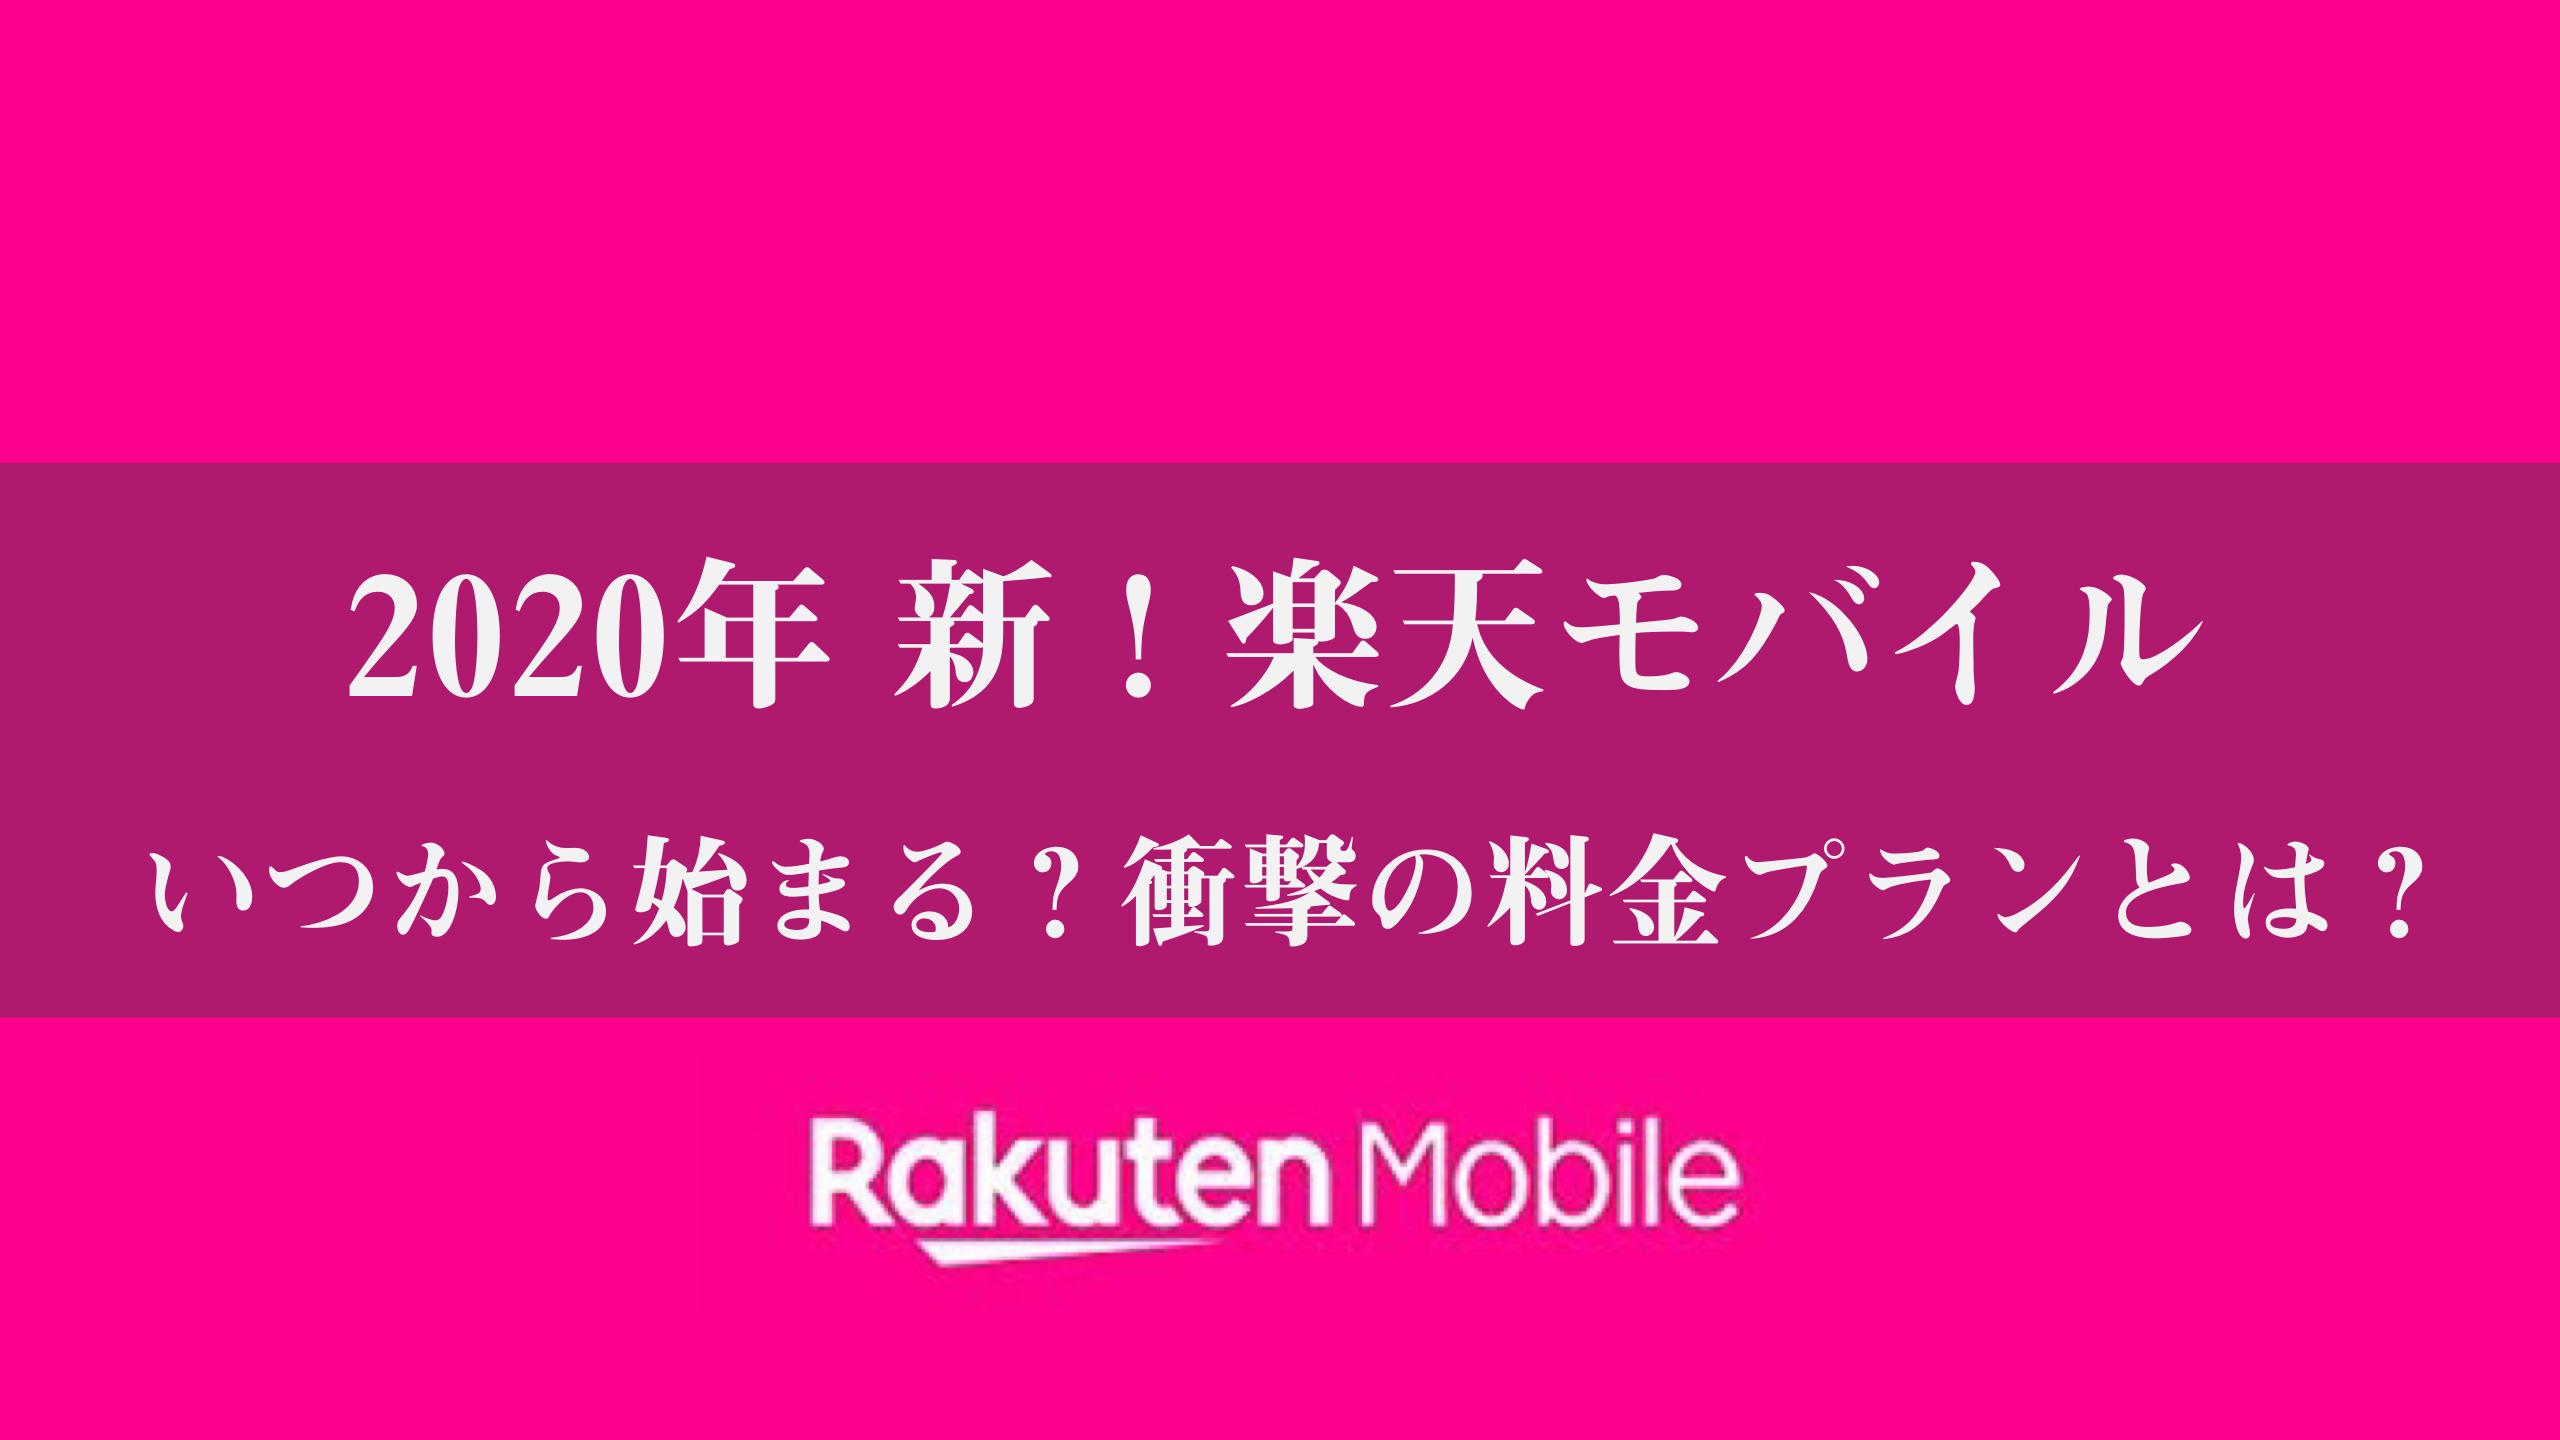 【楽天MNO】新楽天モバイルの携帯回線はいつから開始?衝撃の料金プランなど情報まとめ!